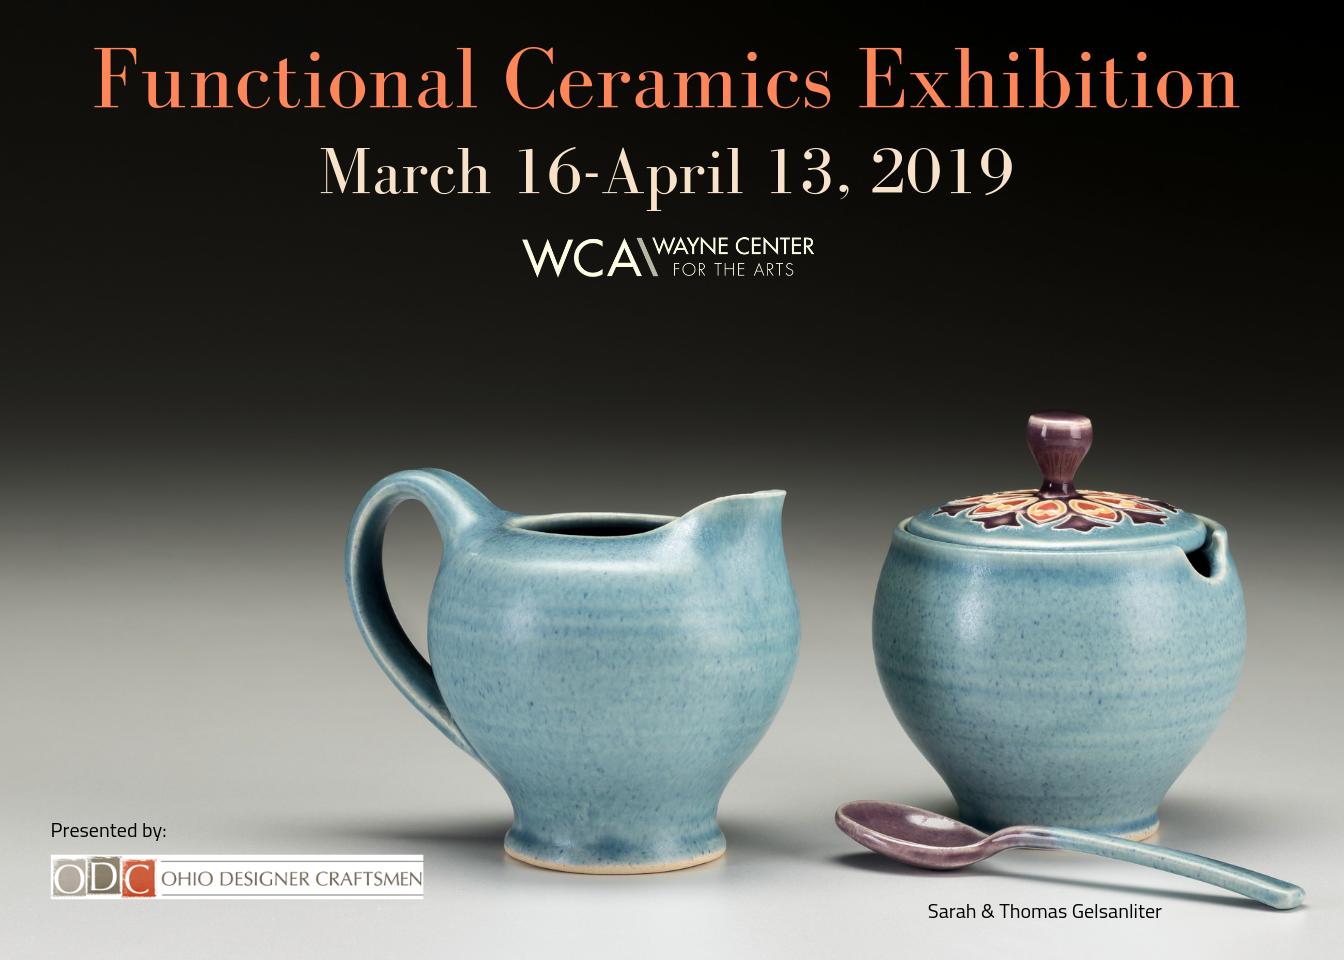 Functional Ceramics Exhibition